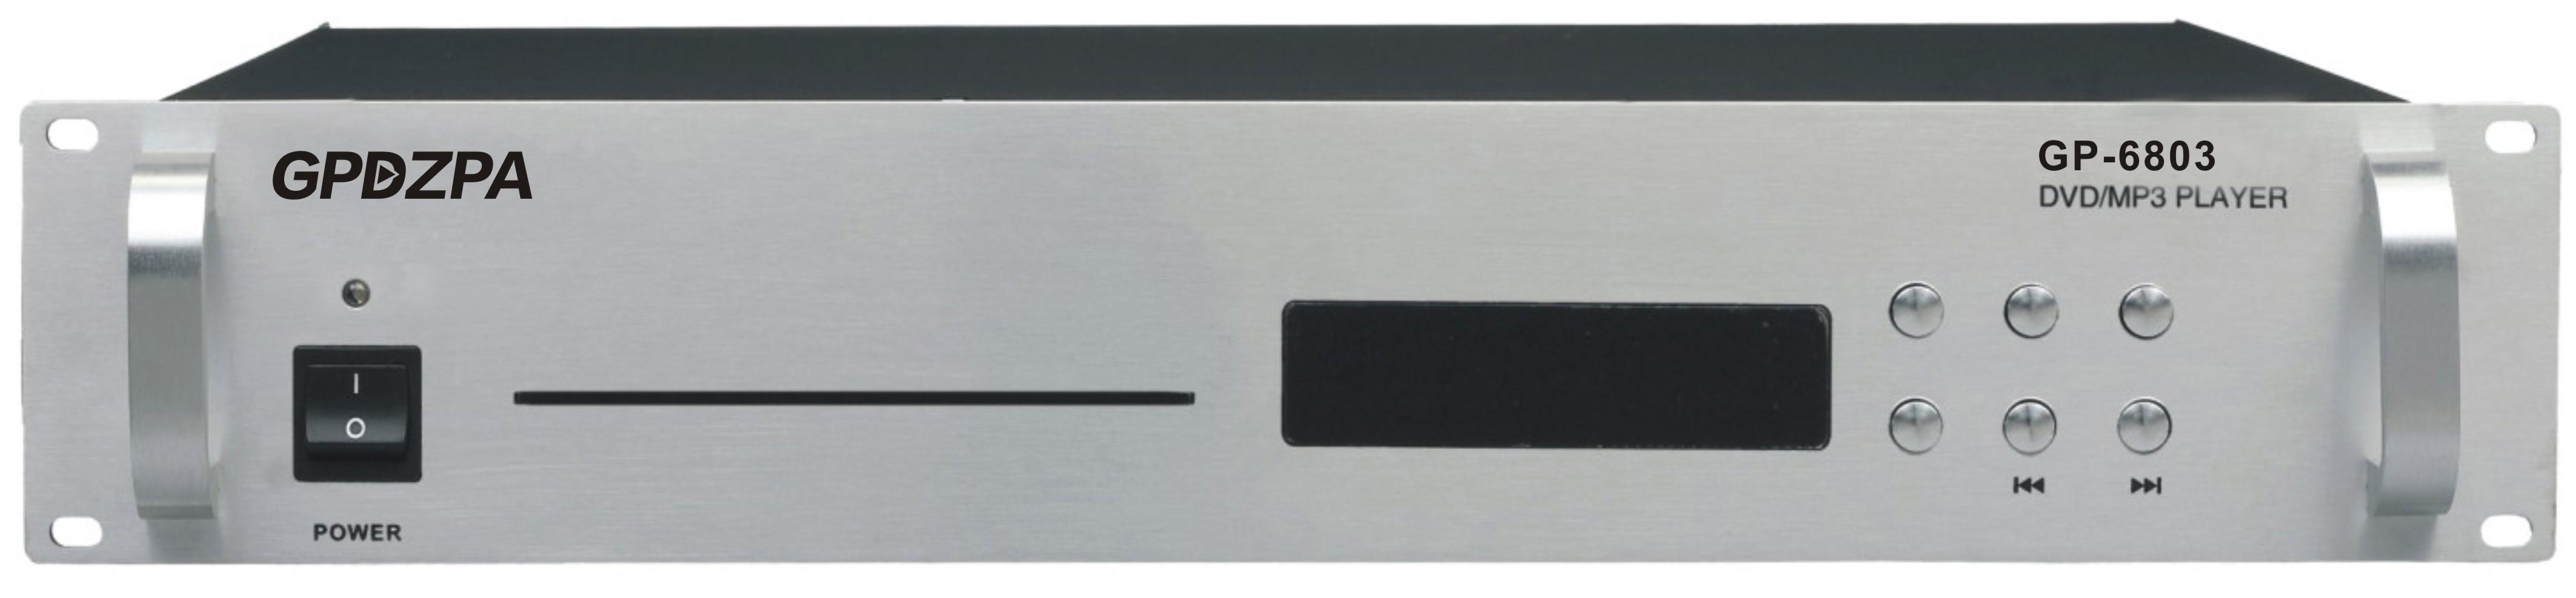 飞利浦天花喇叭厂家_GP-6803CD/MP3播放器 - 广州公共广播品牌|GPDZPA诚普公共广播|公共 ...